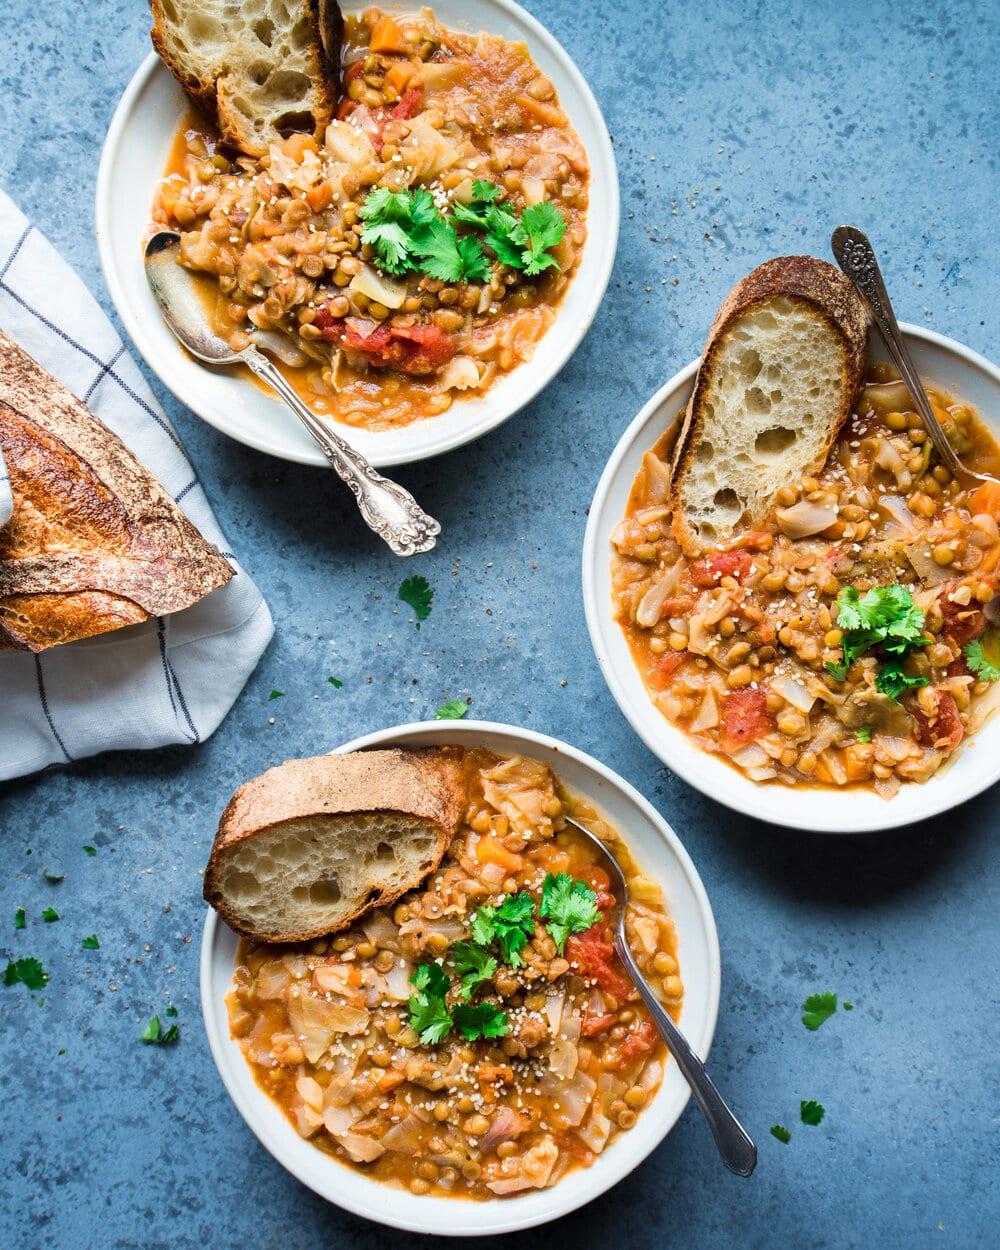 IP+budget+-+lentil+cabbage+soup+(1+of+1) (2).jpg